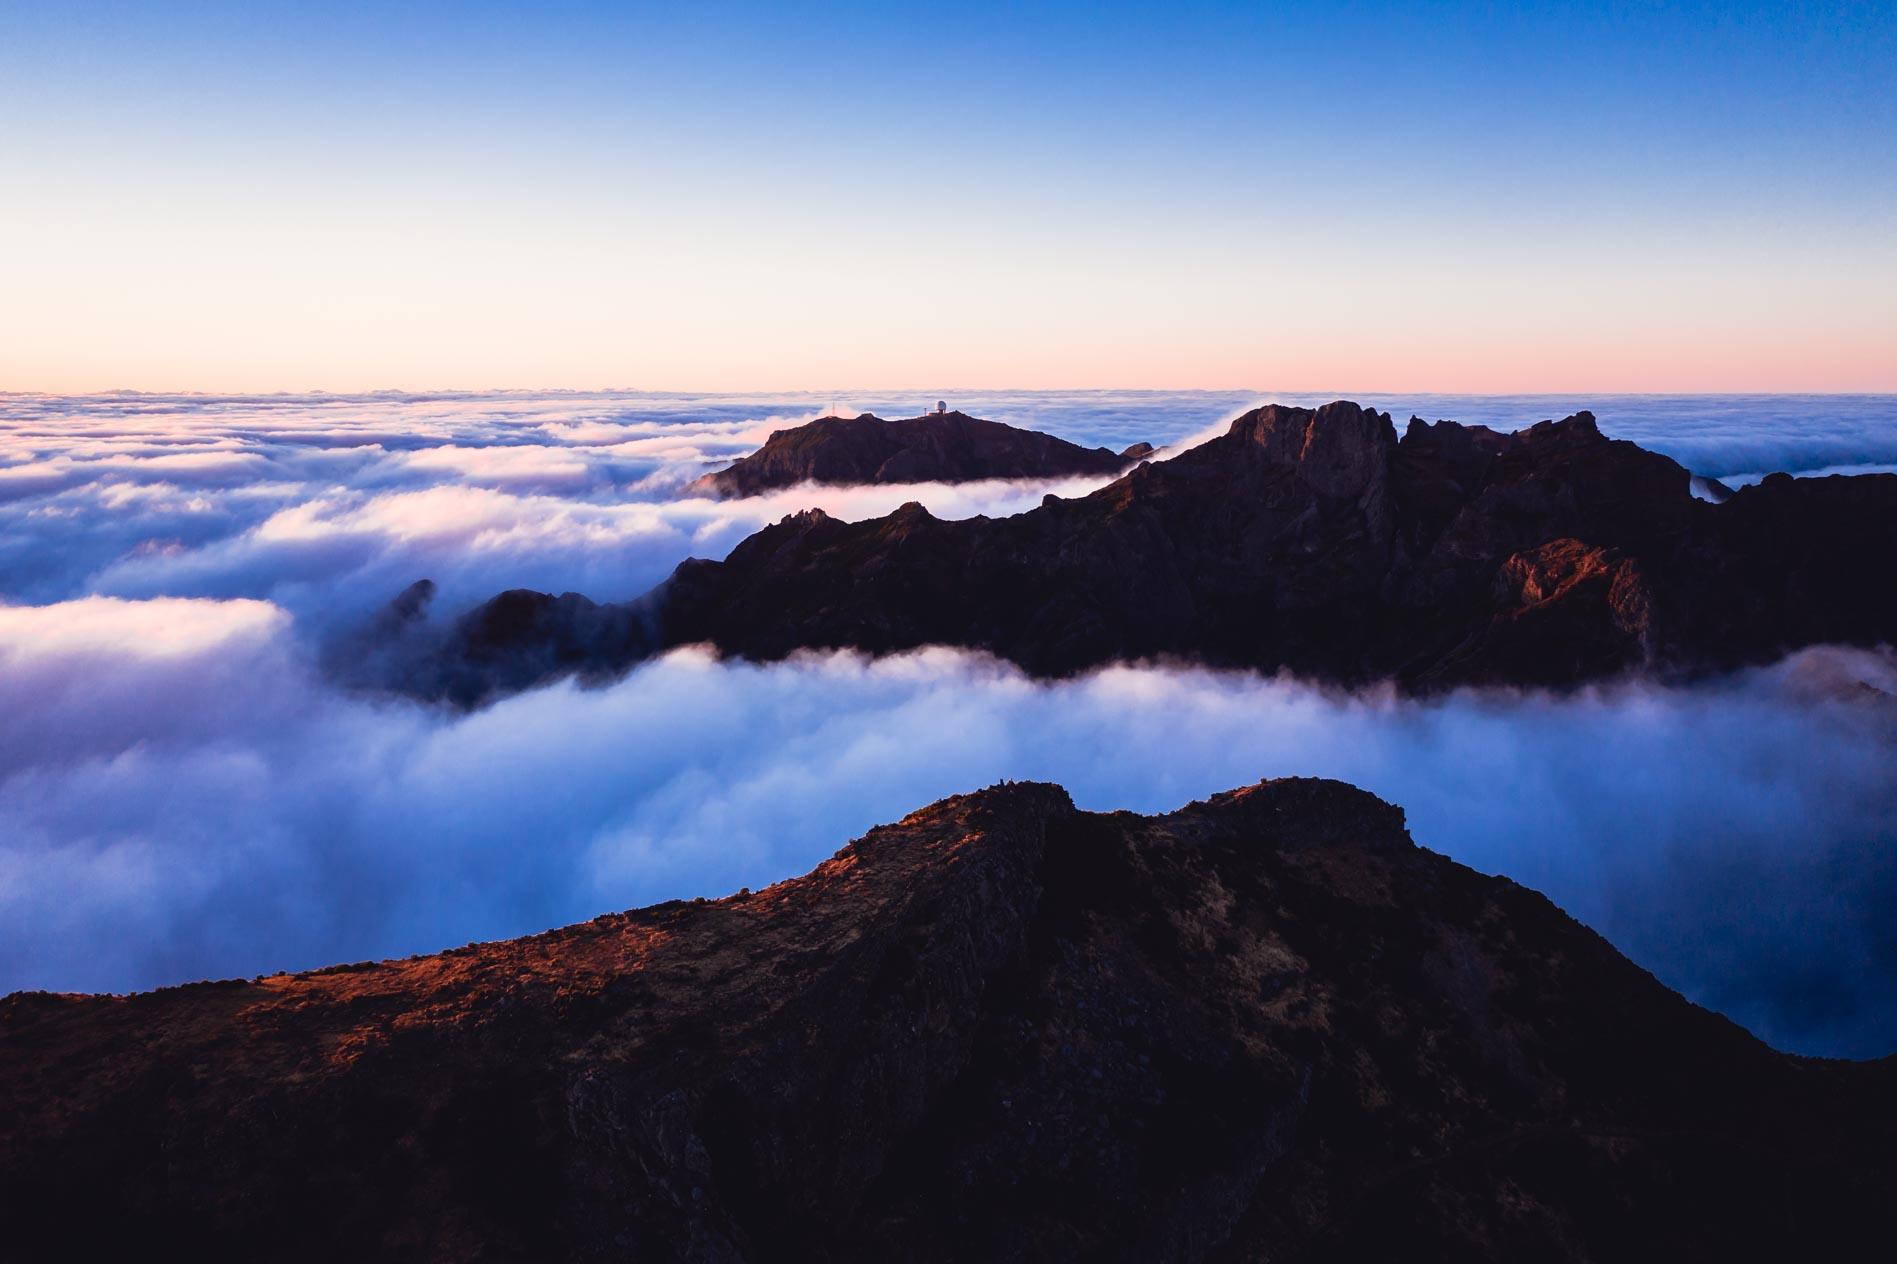 Ein Wolkenmeer zwischen den Bergen der Insel Madeira.